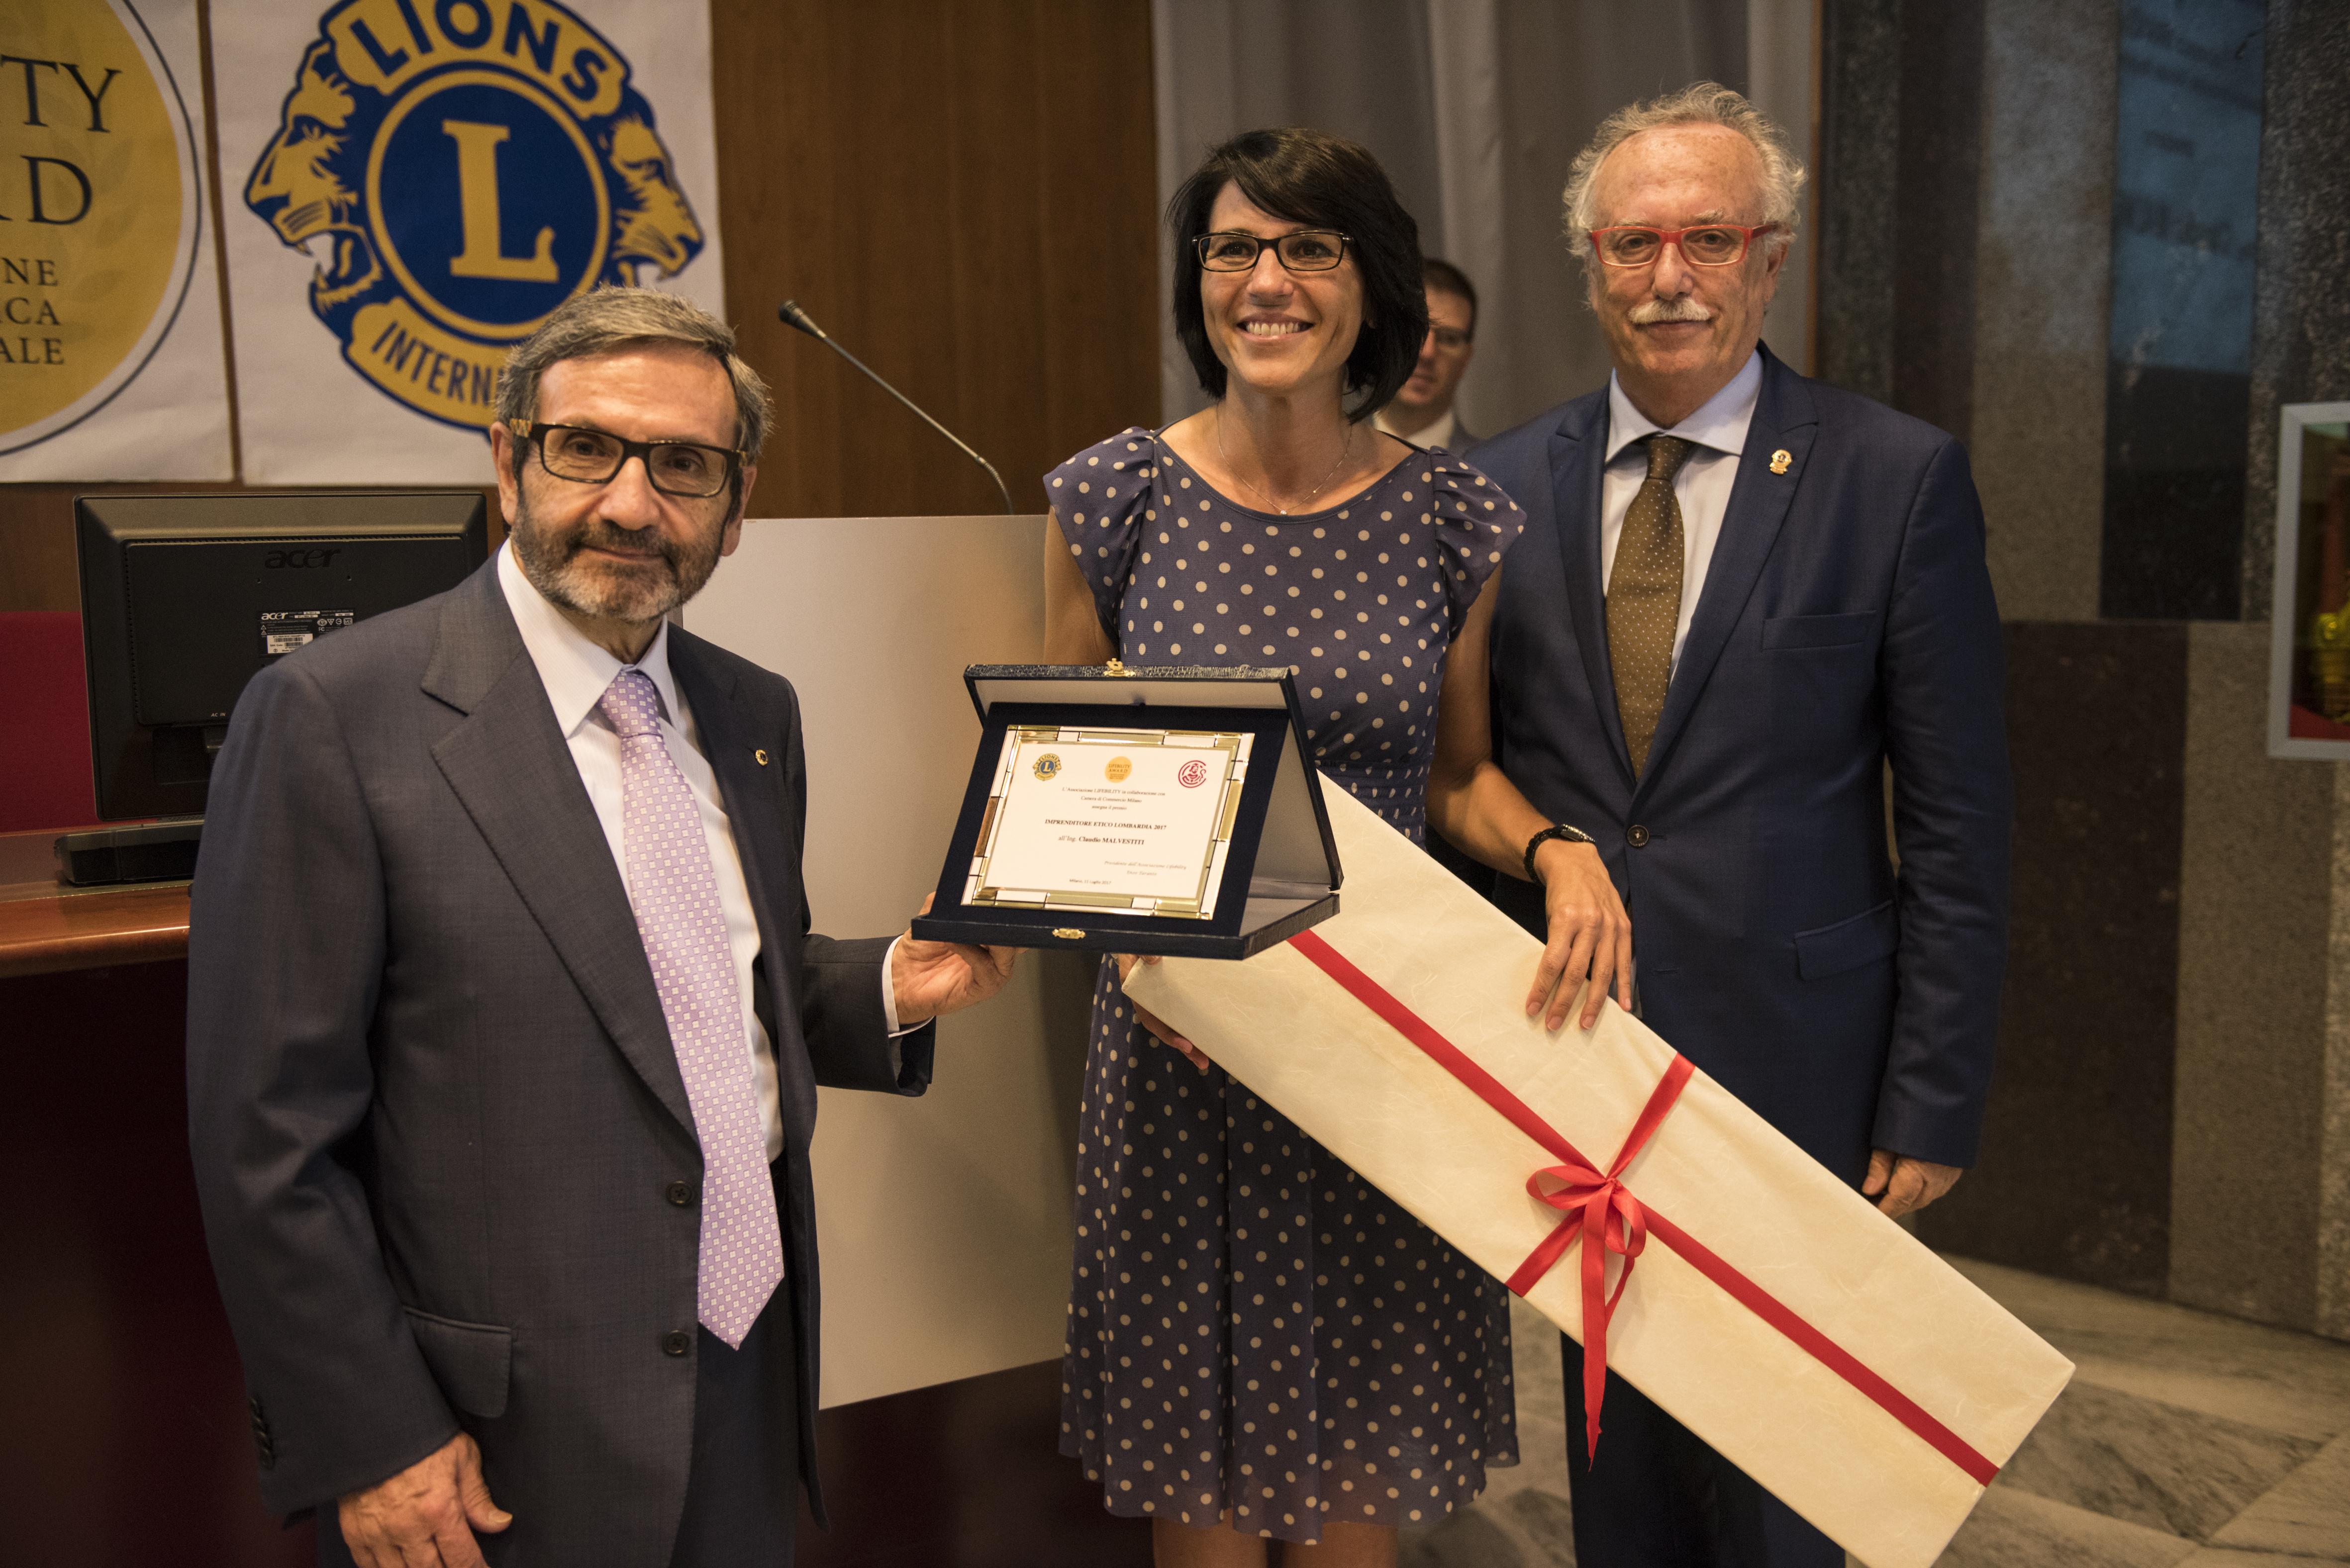 L'Ass. Francesca Brianza e Pierangelo Santagostino consegnano il premio all'imprenditore Claudio Malvestiti.